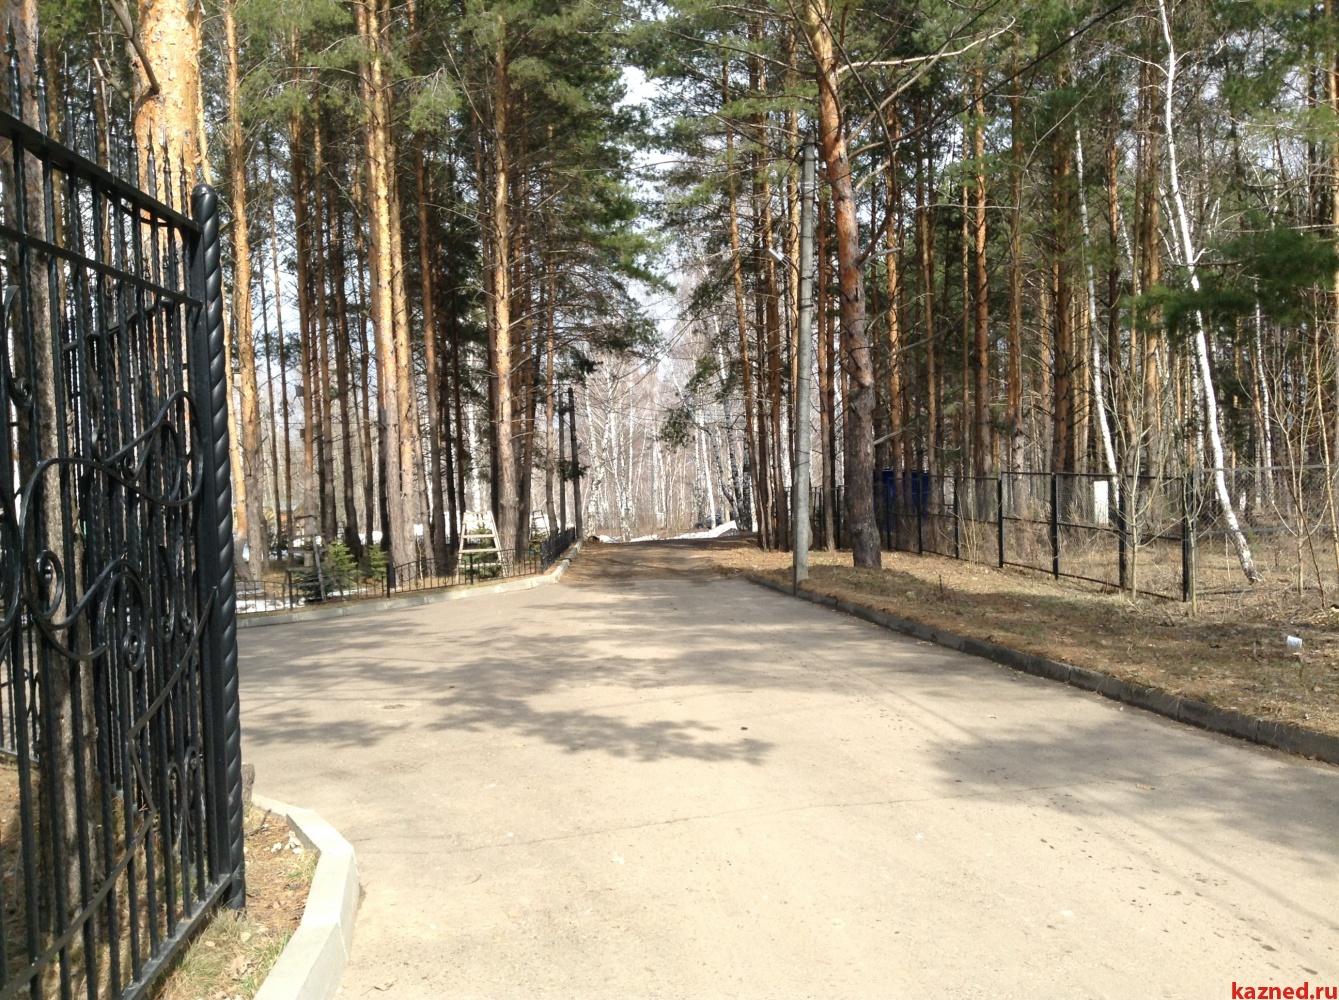 Продажа дом Новая Сосновка, ул.Компресорщиков, 160 м2  (миниатюра №4)